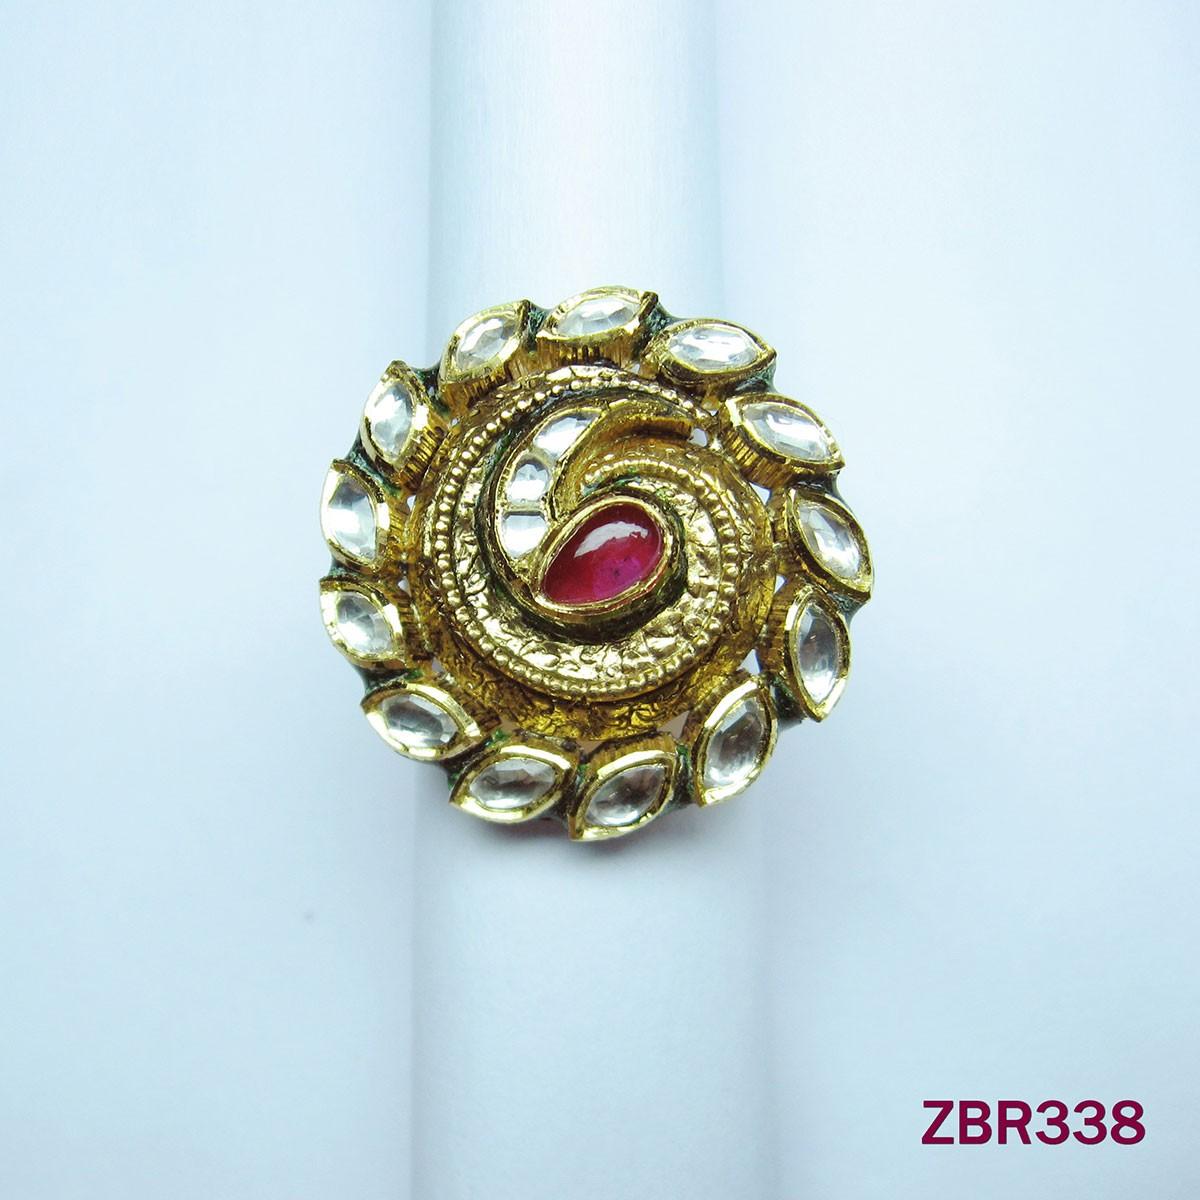 ZBR338